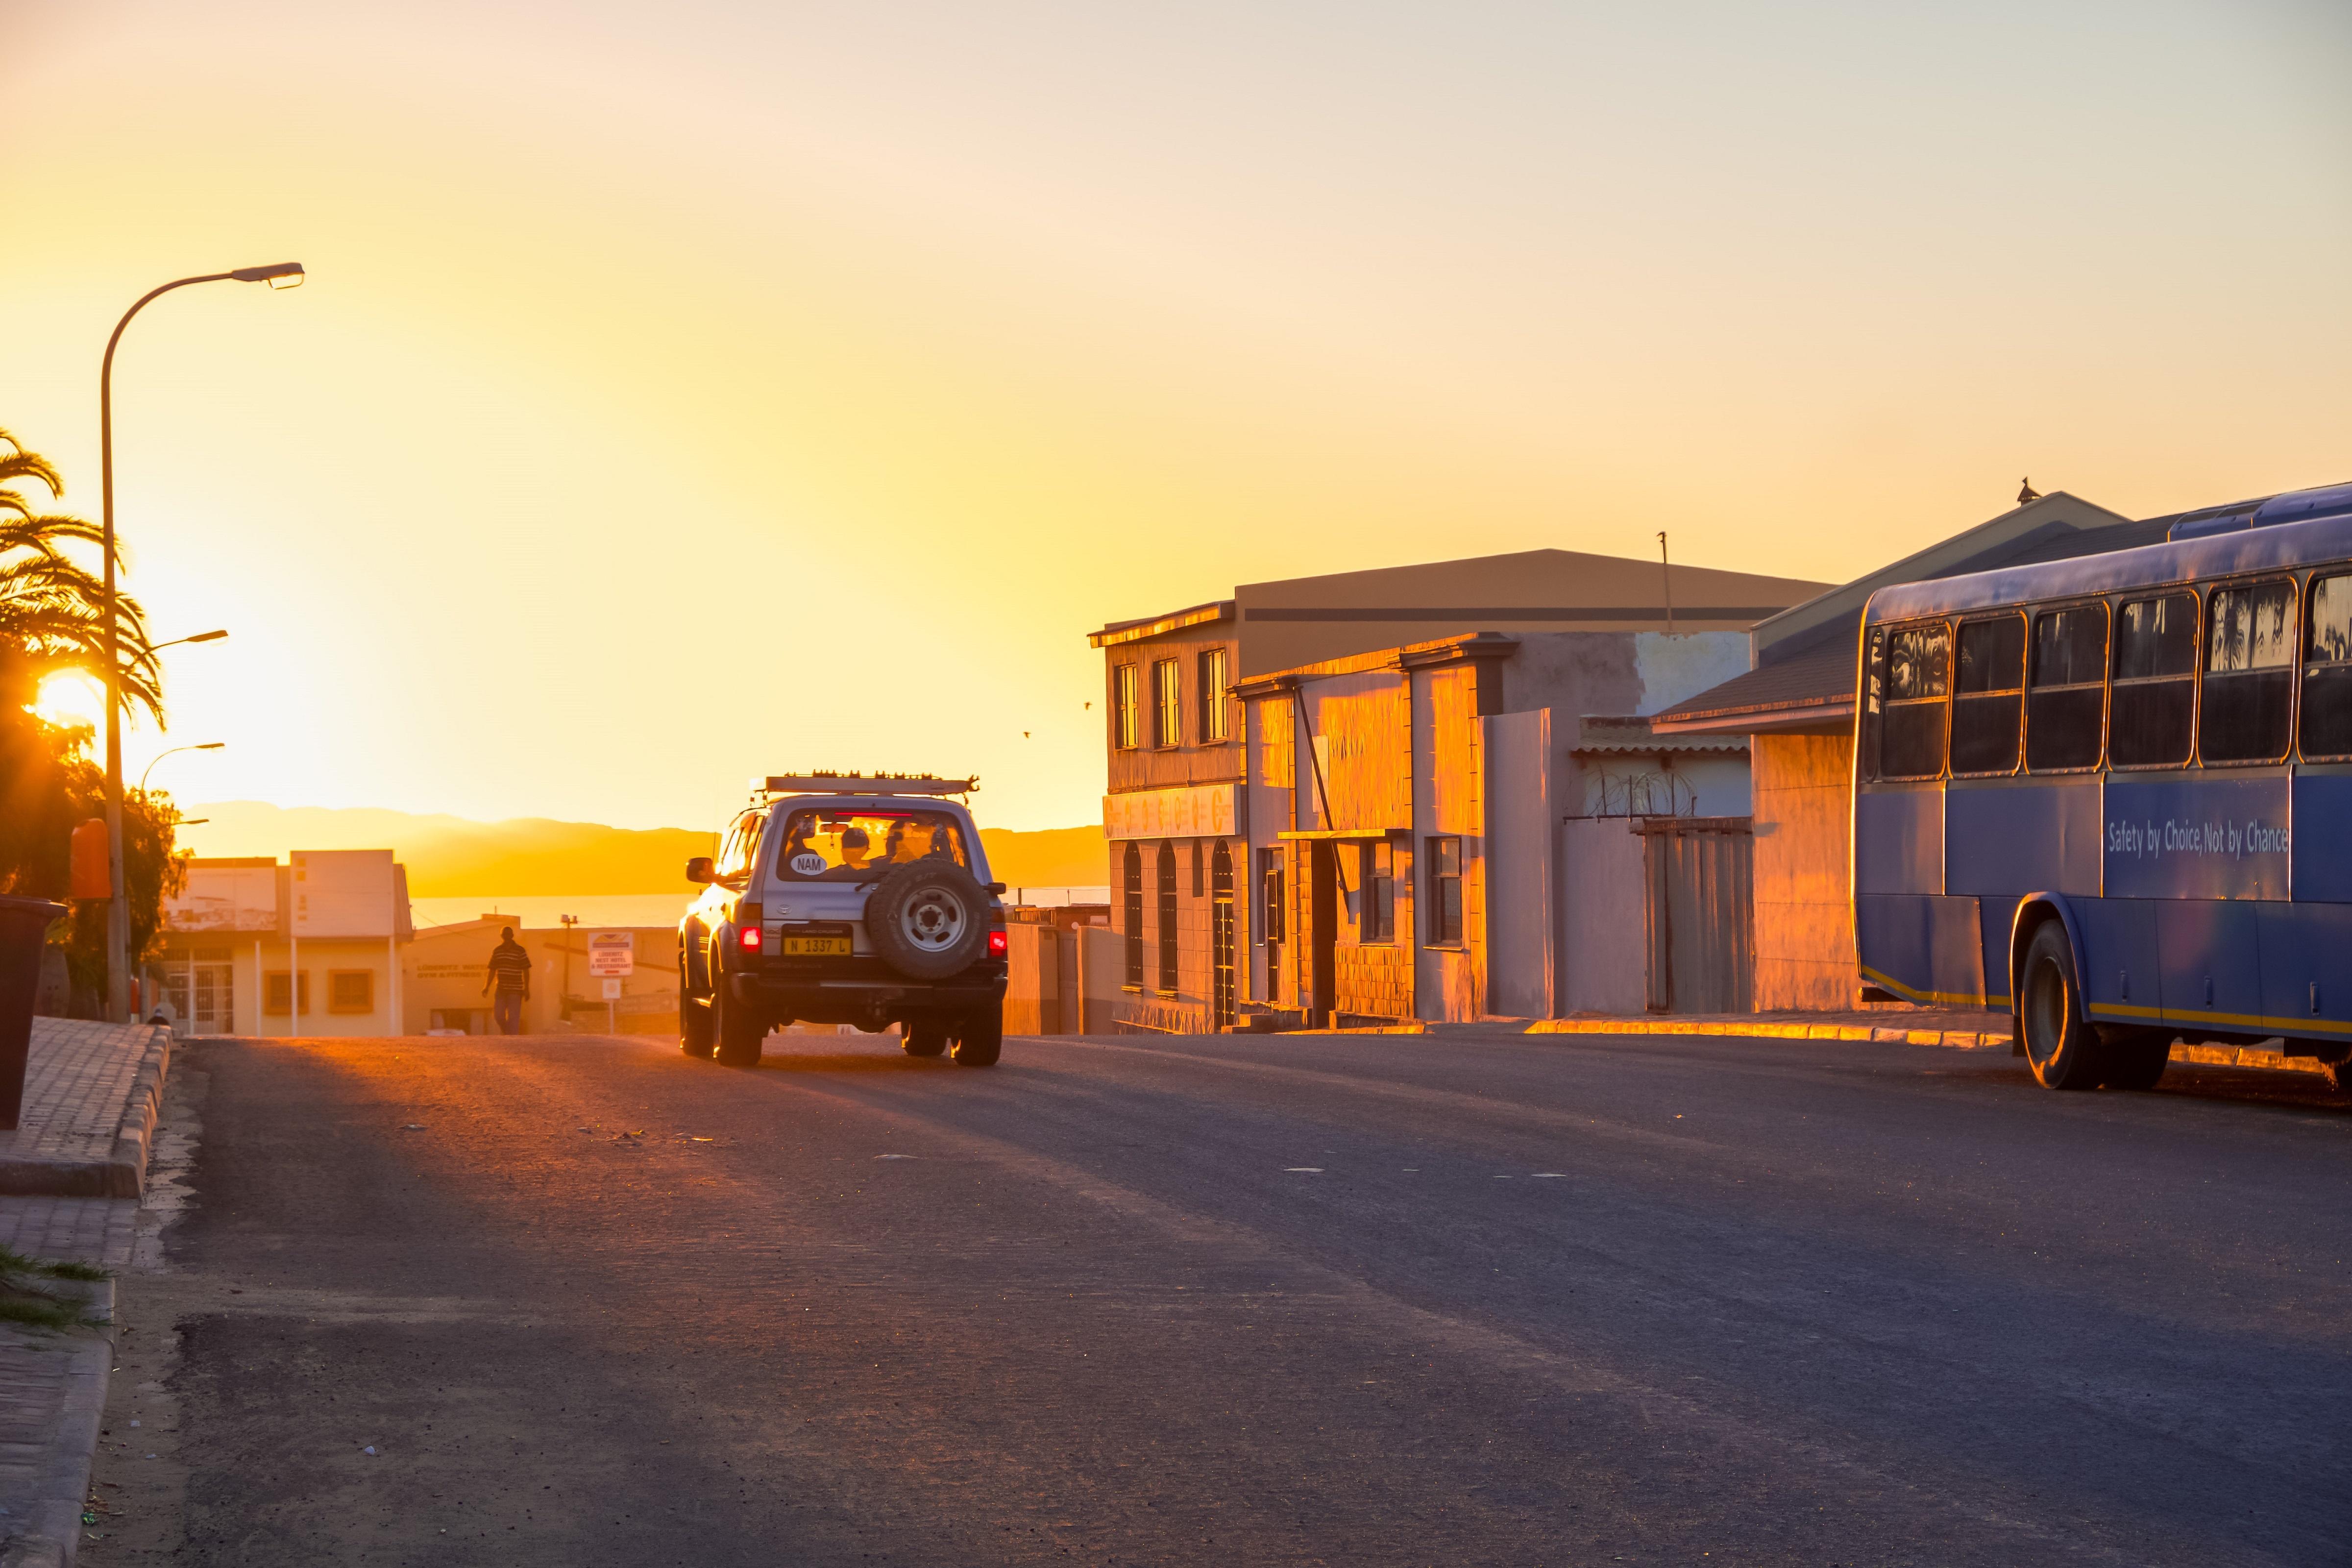 Namibia - den tham thung lung chet, thanh pho ma va dieu khong tuong hinh anh 32